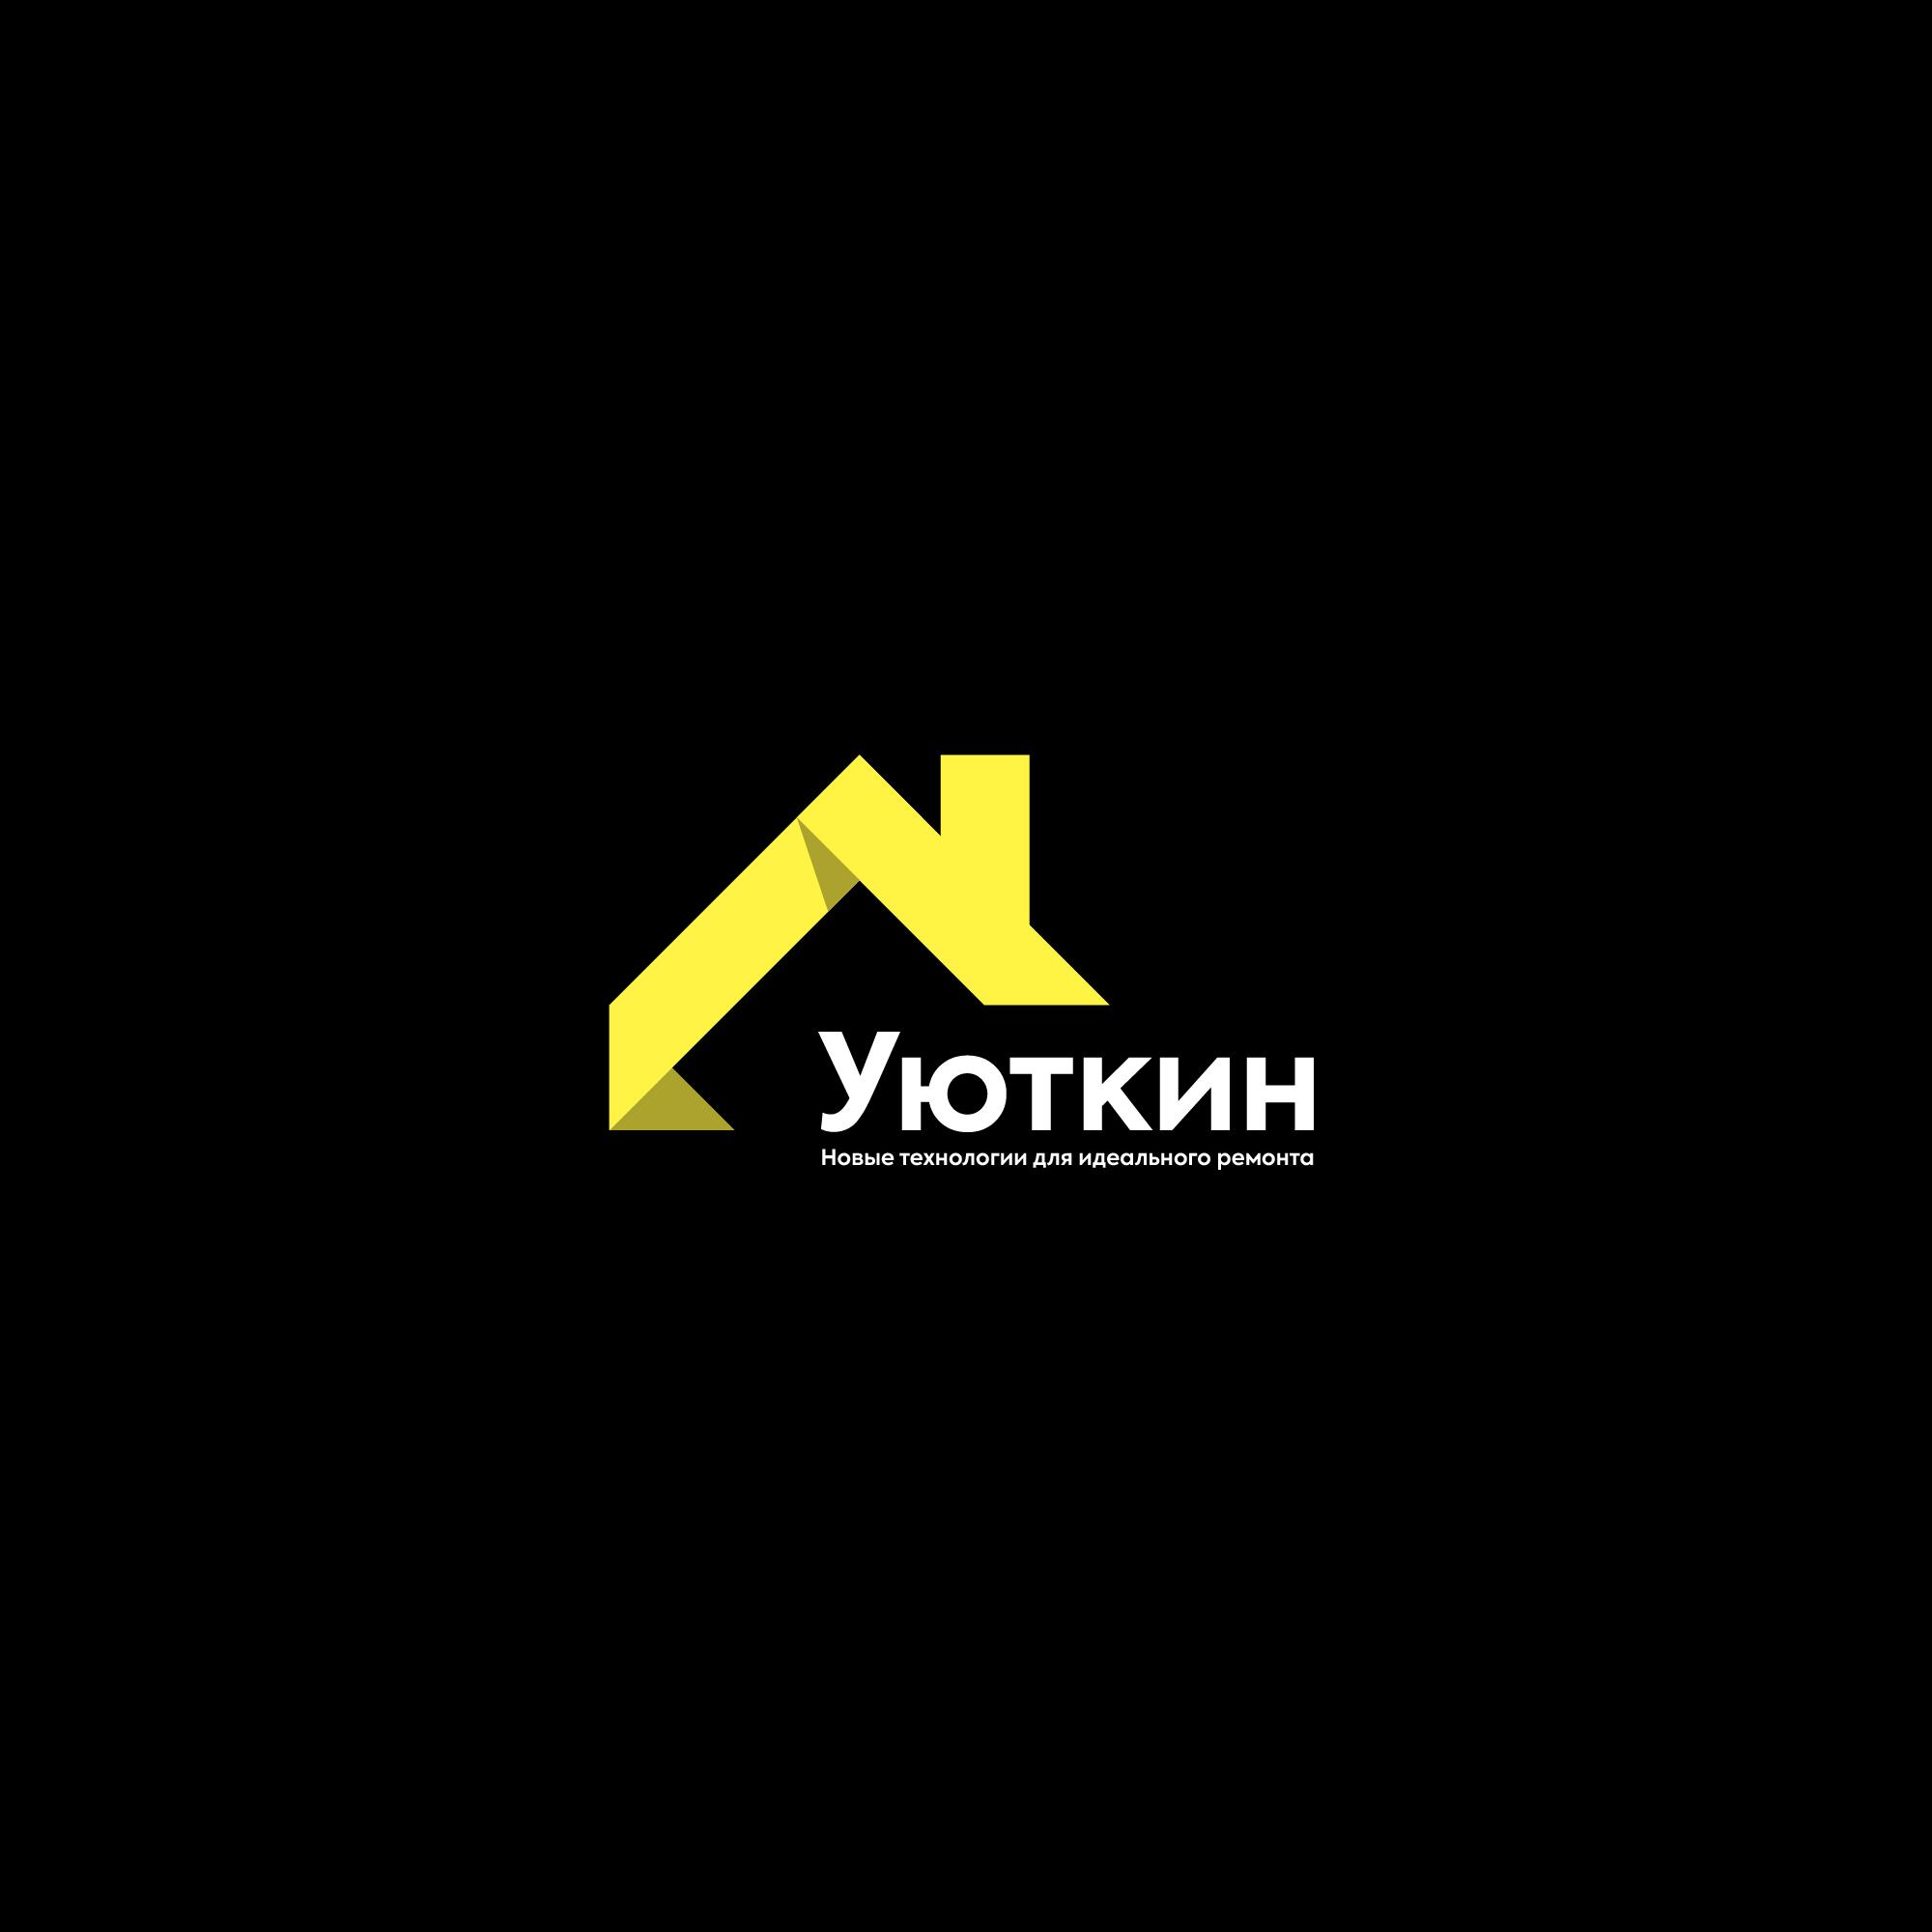 Создание логотипа и стиля сайта фото f_1155c64187233bc0.png